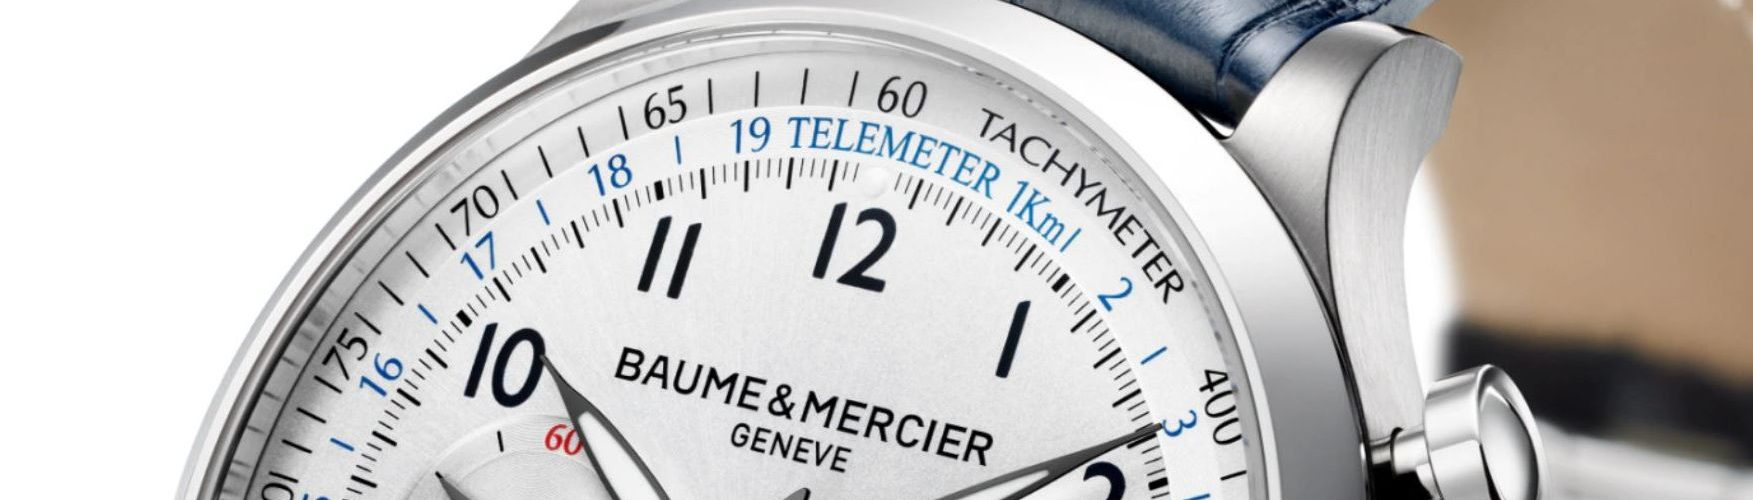 Tachymeter Skala Uhr Chronograph Erklärung